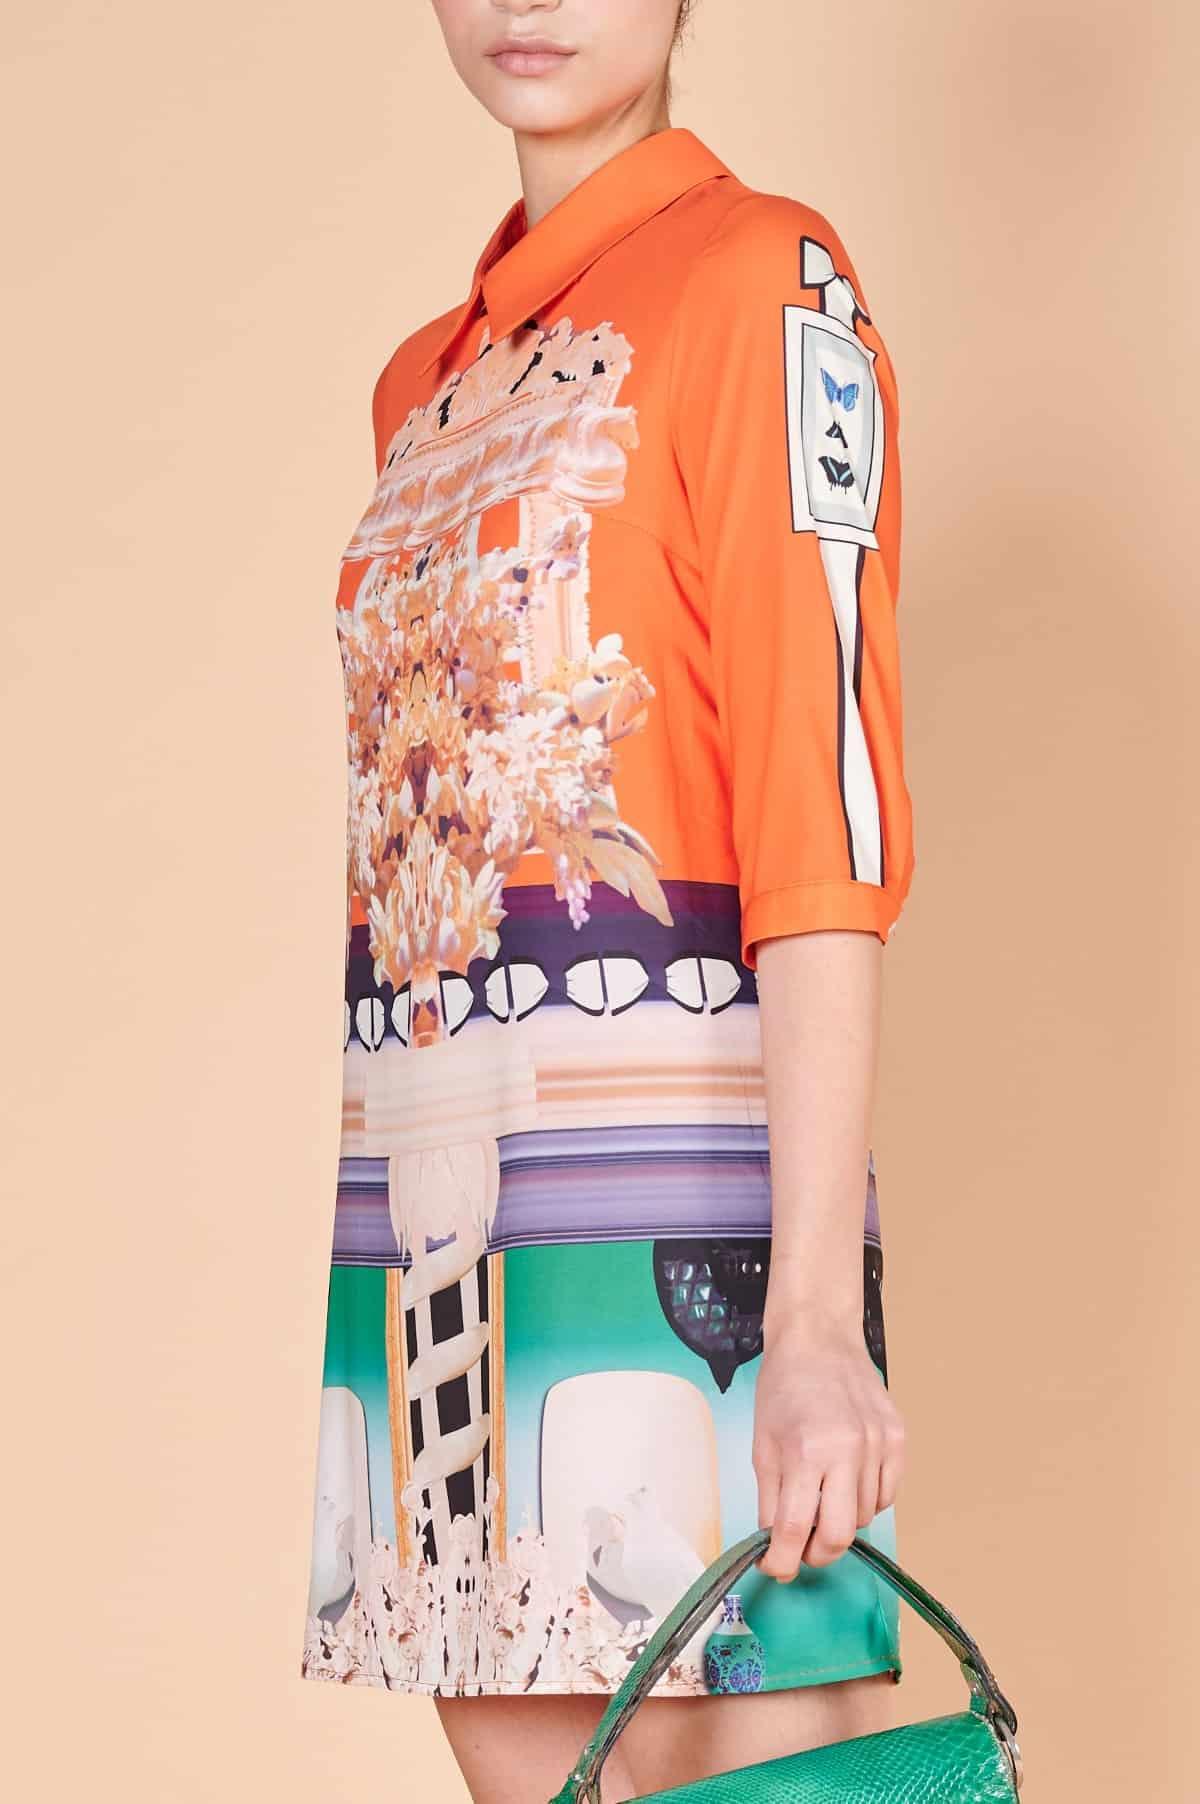 2000ler Desenli, truvakar kollu, kontrast yaz renkli üst